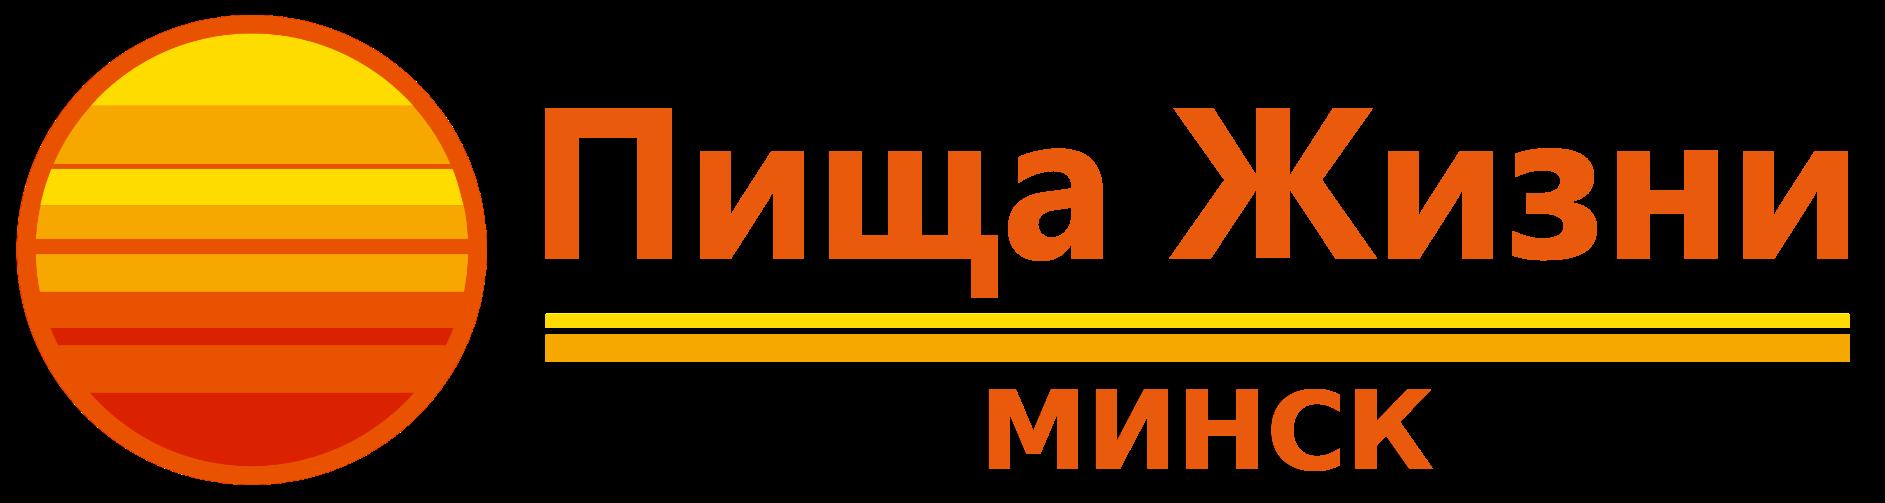 Пища жизни | Минск